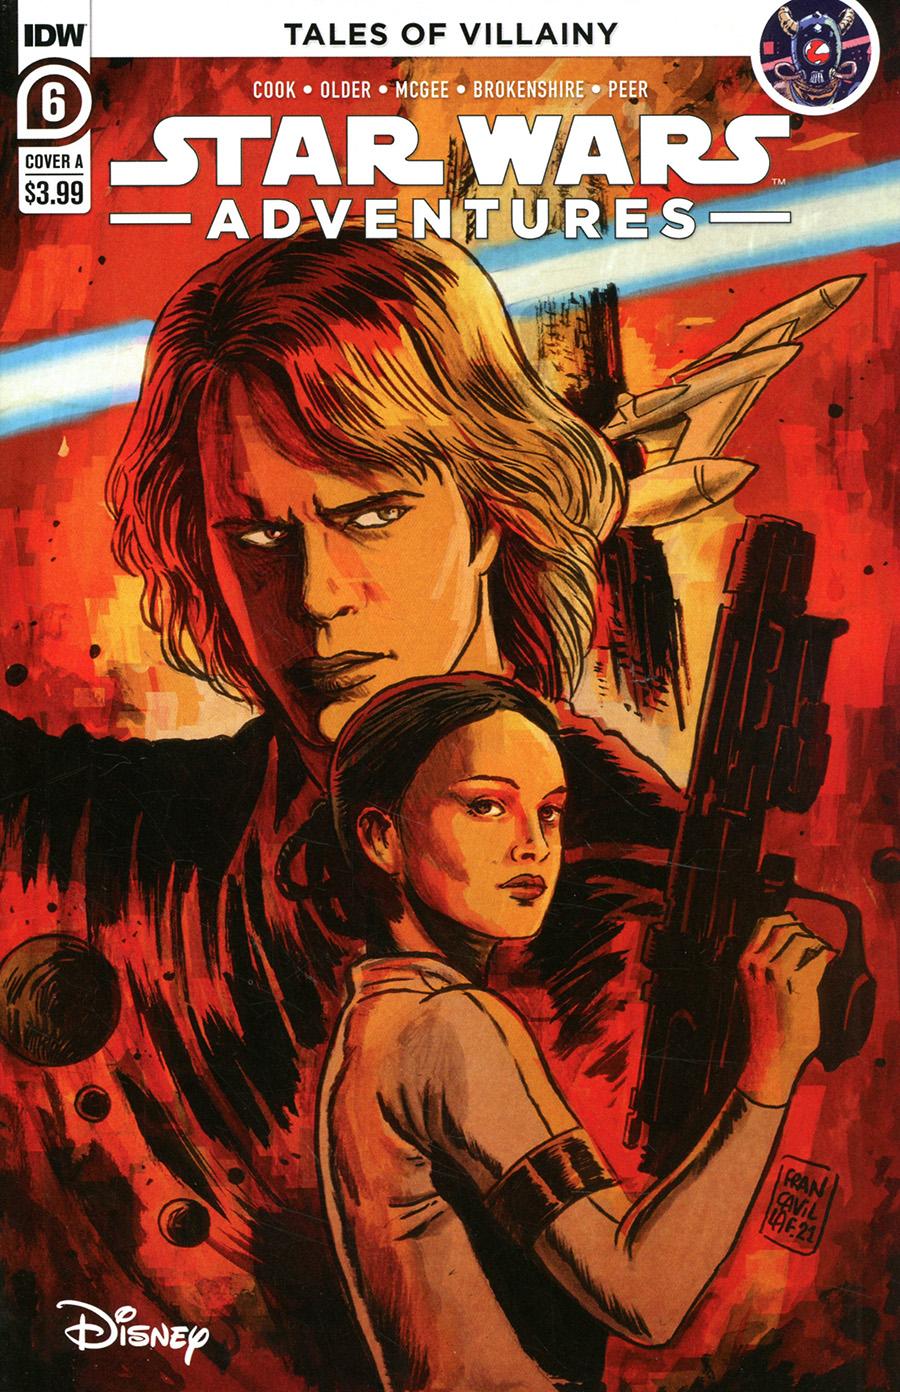 Star Wars Adventures Vol 2 #6 Cover A Regular Francesco Francavilla Cover